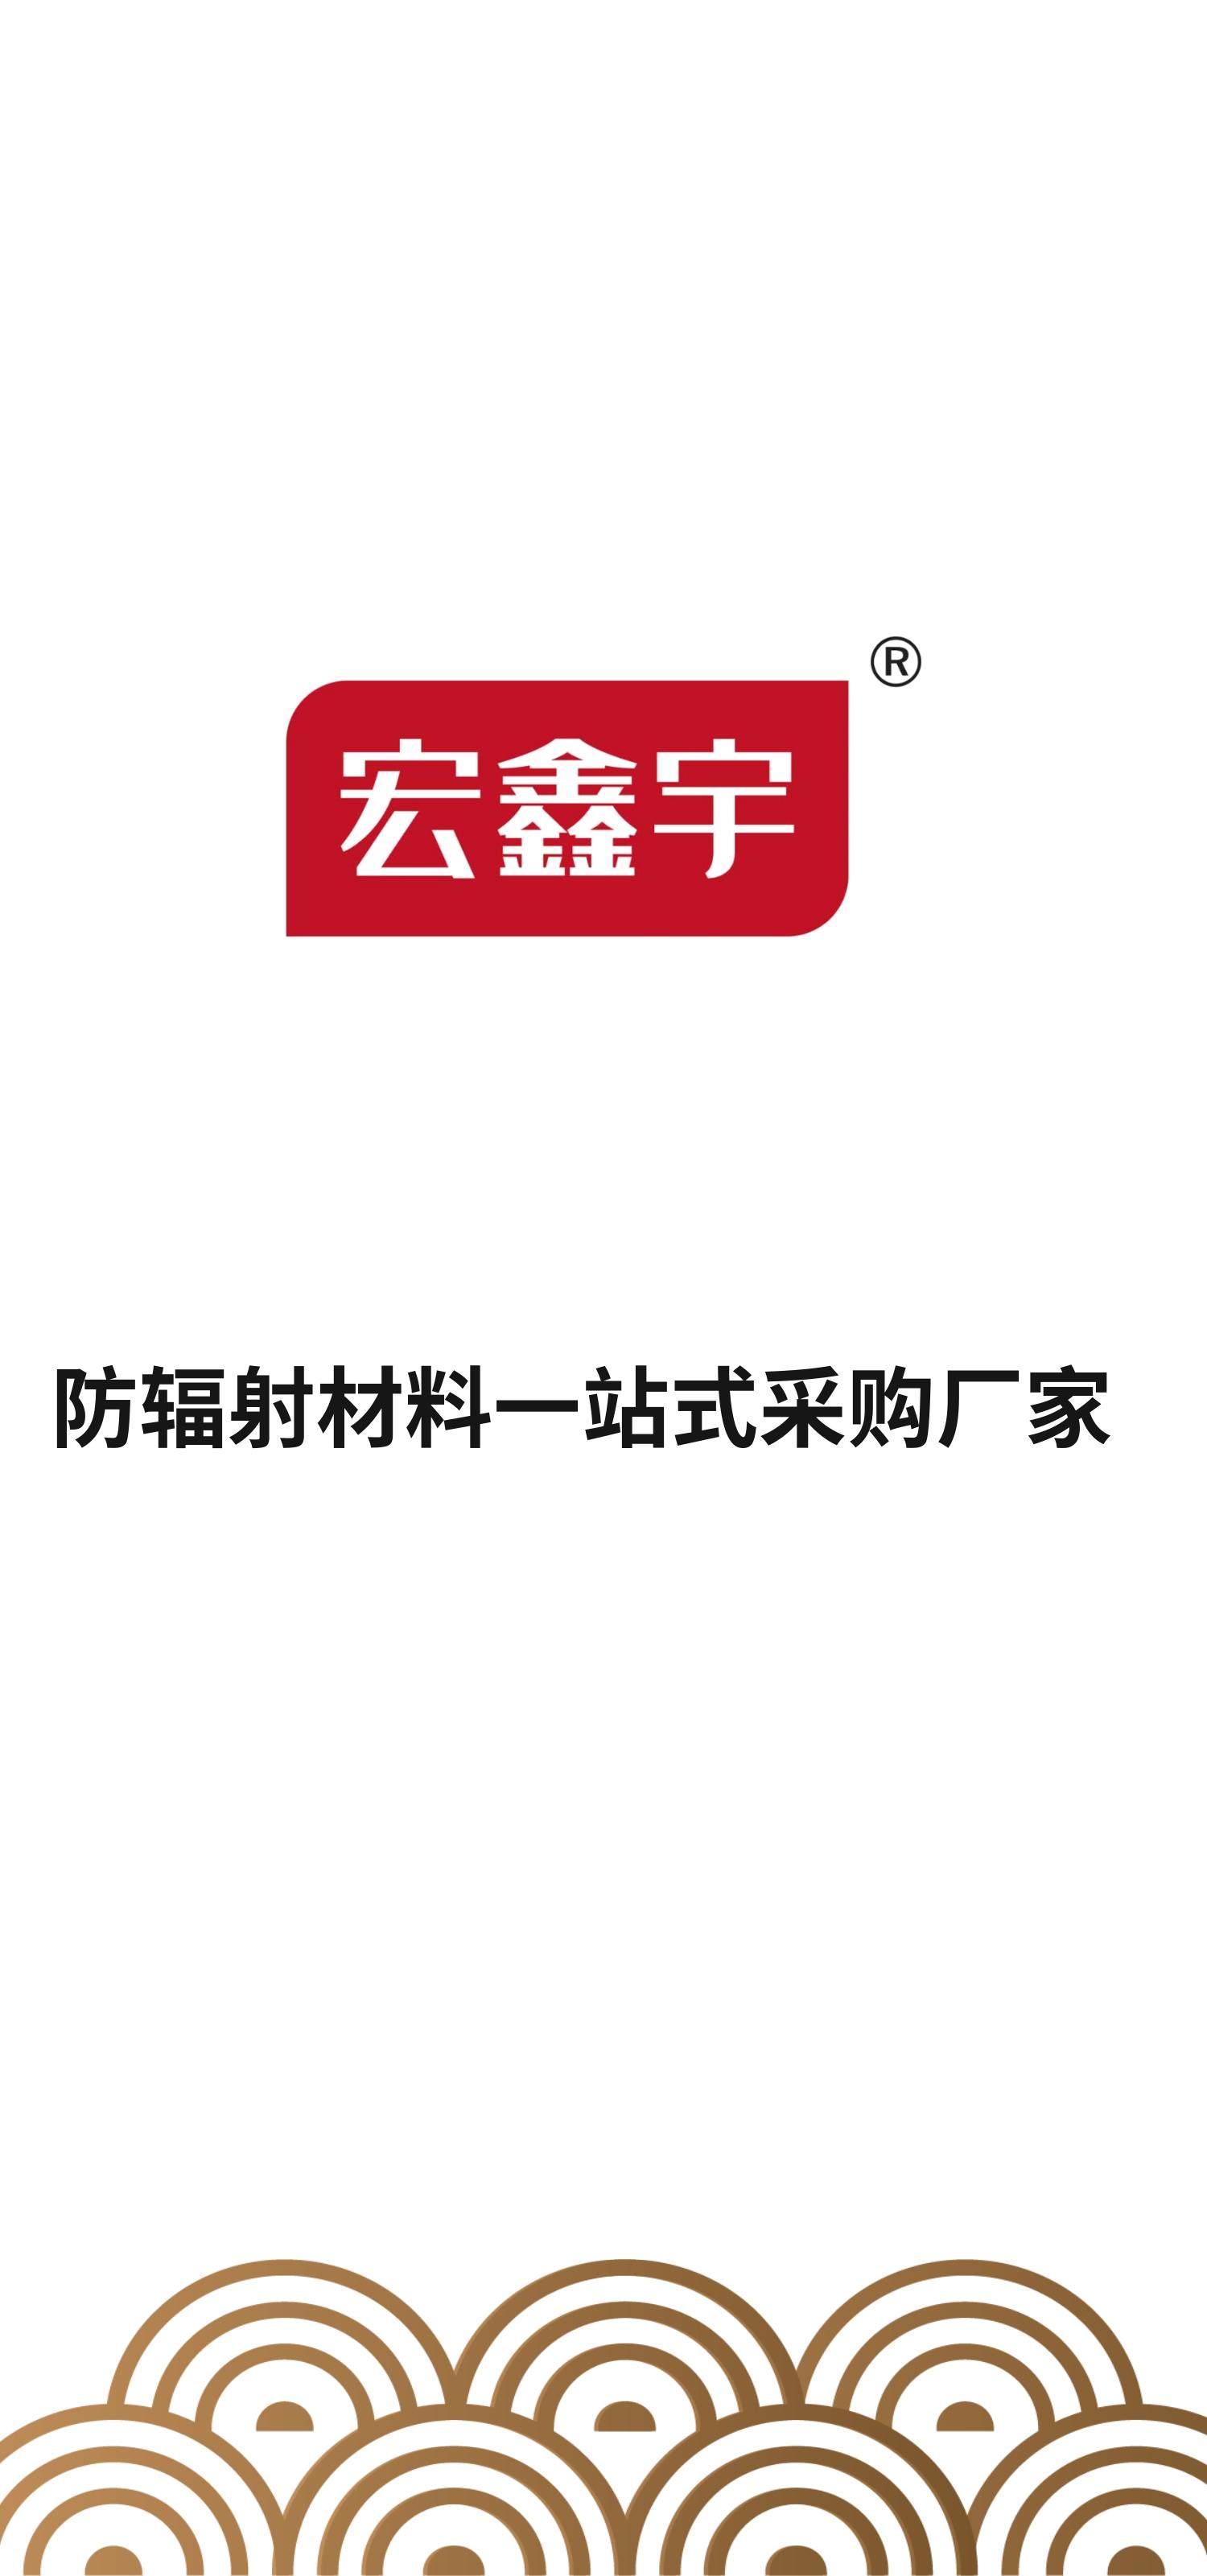 4@凡科快图 (1).jpg